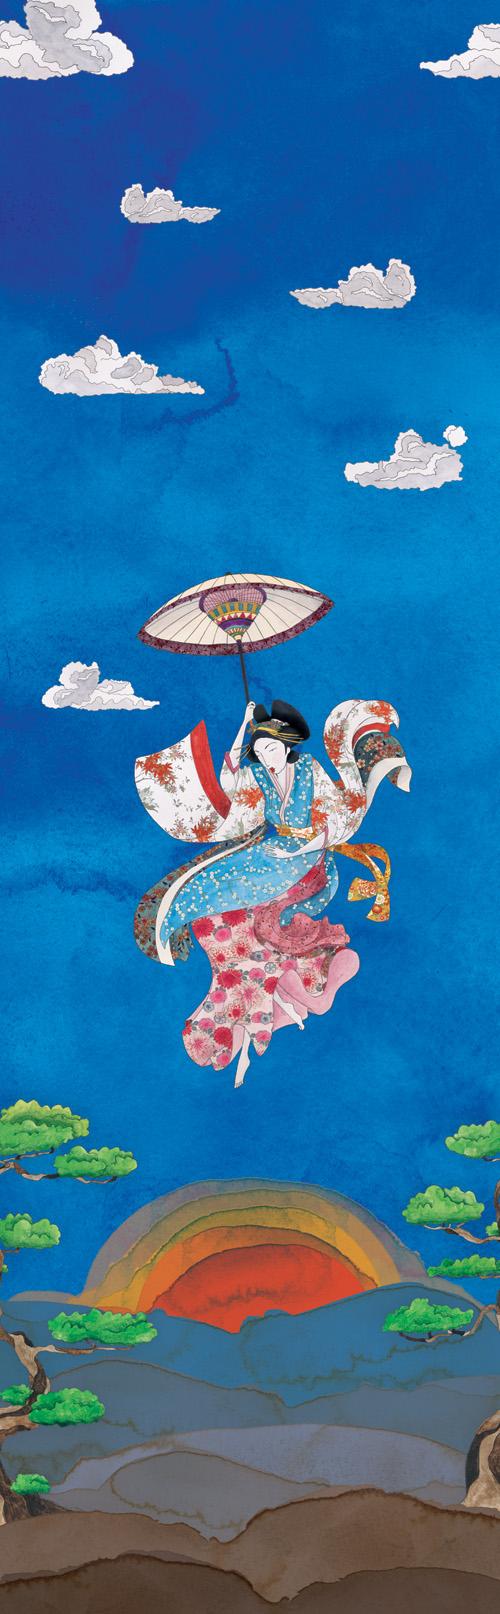 Japonais illustration aquarelle gauche